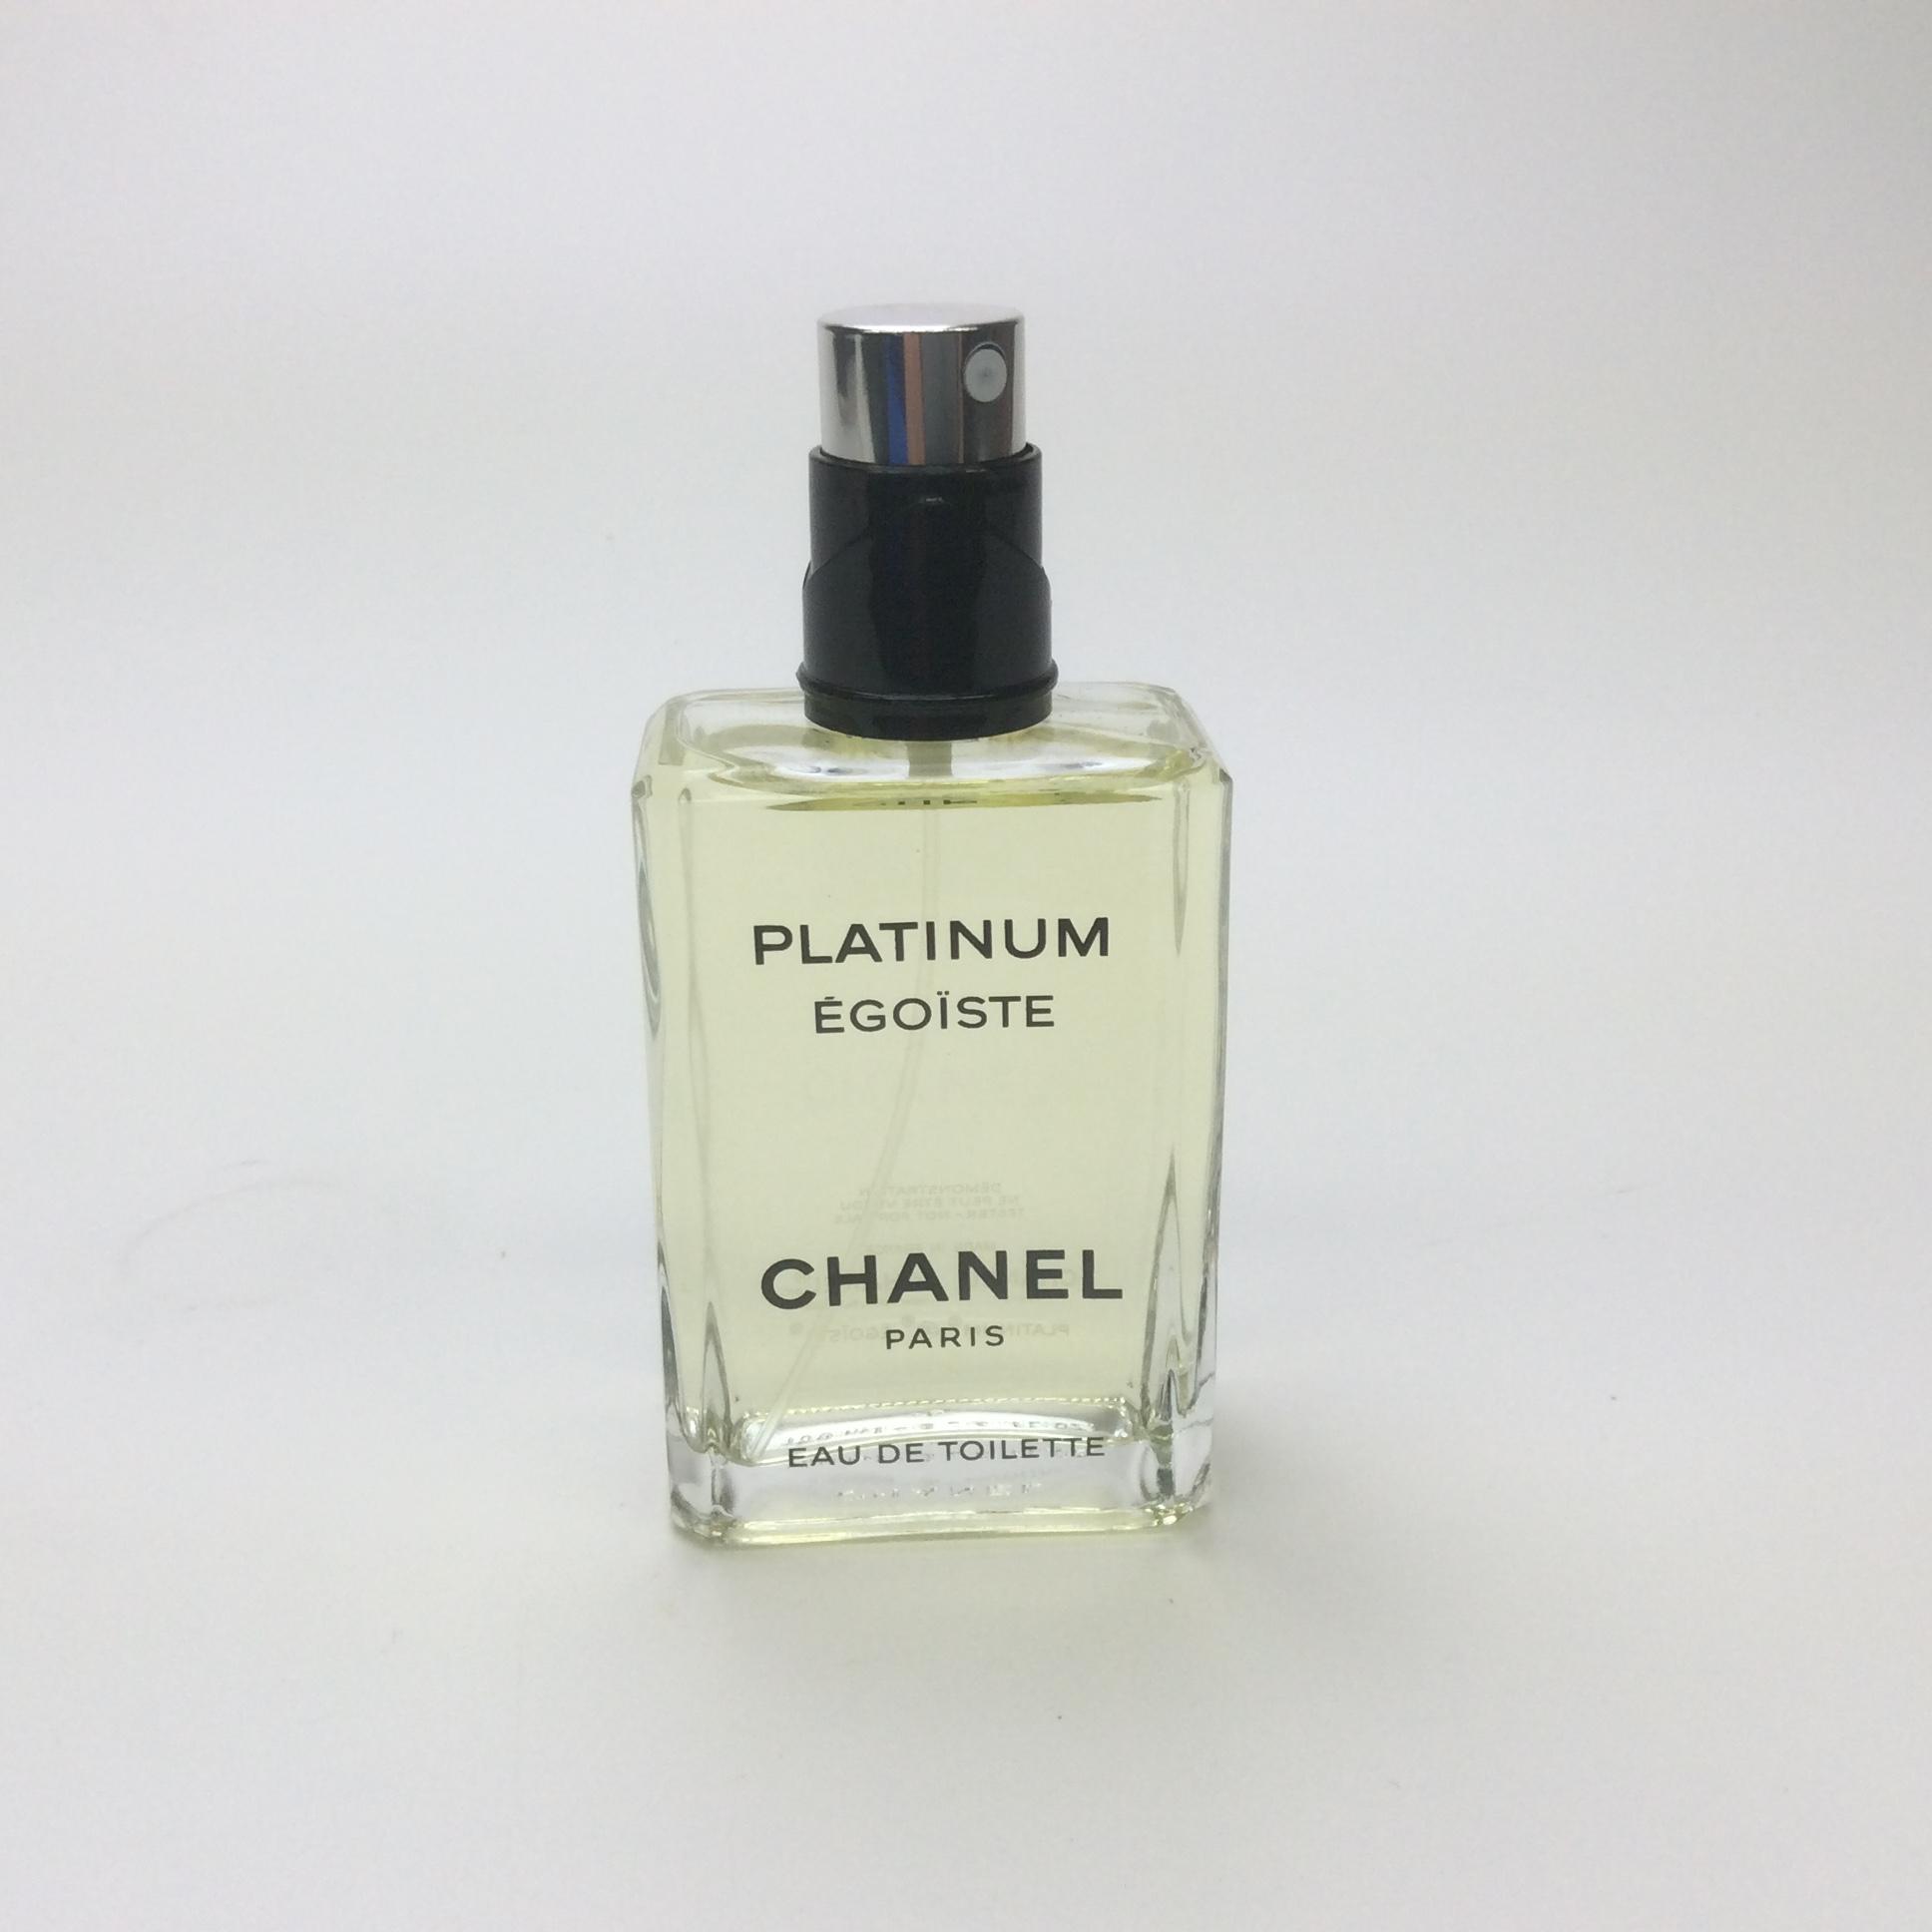 c3be5ad8c1 PLATINUM EGOISTE 100ML EAU DE TOILETTE UNBOXED TESTER BY CHANEL